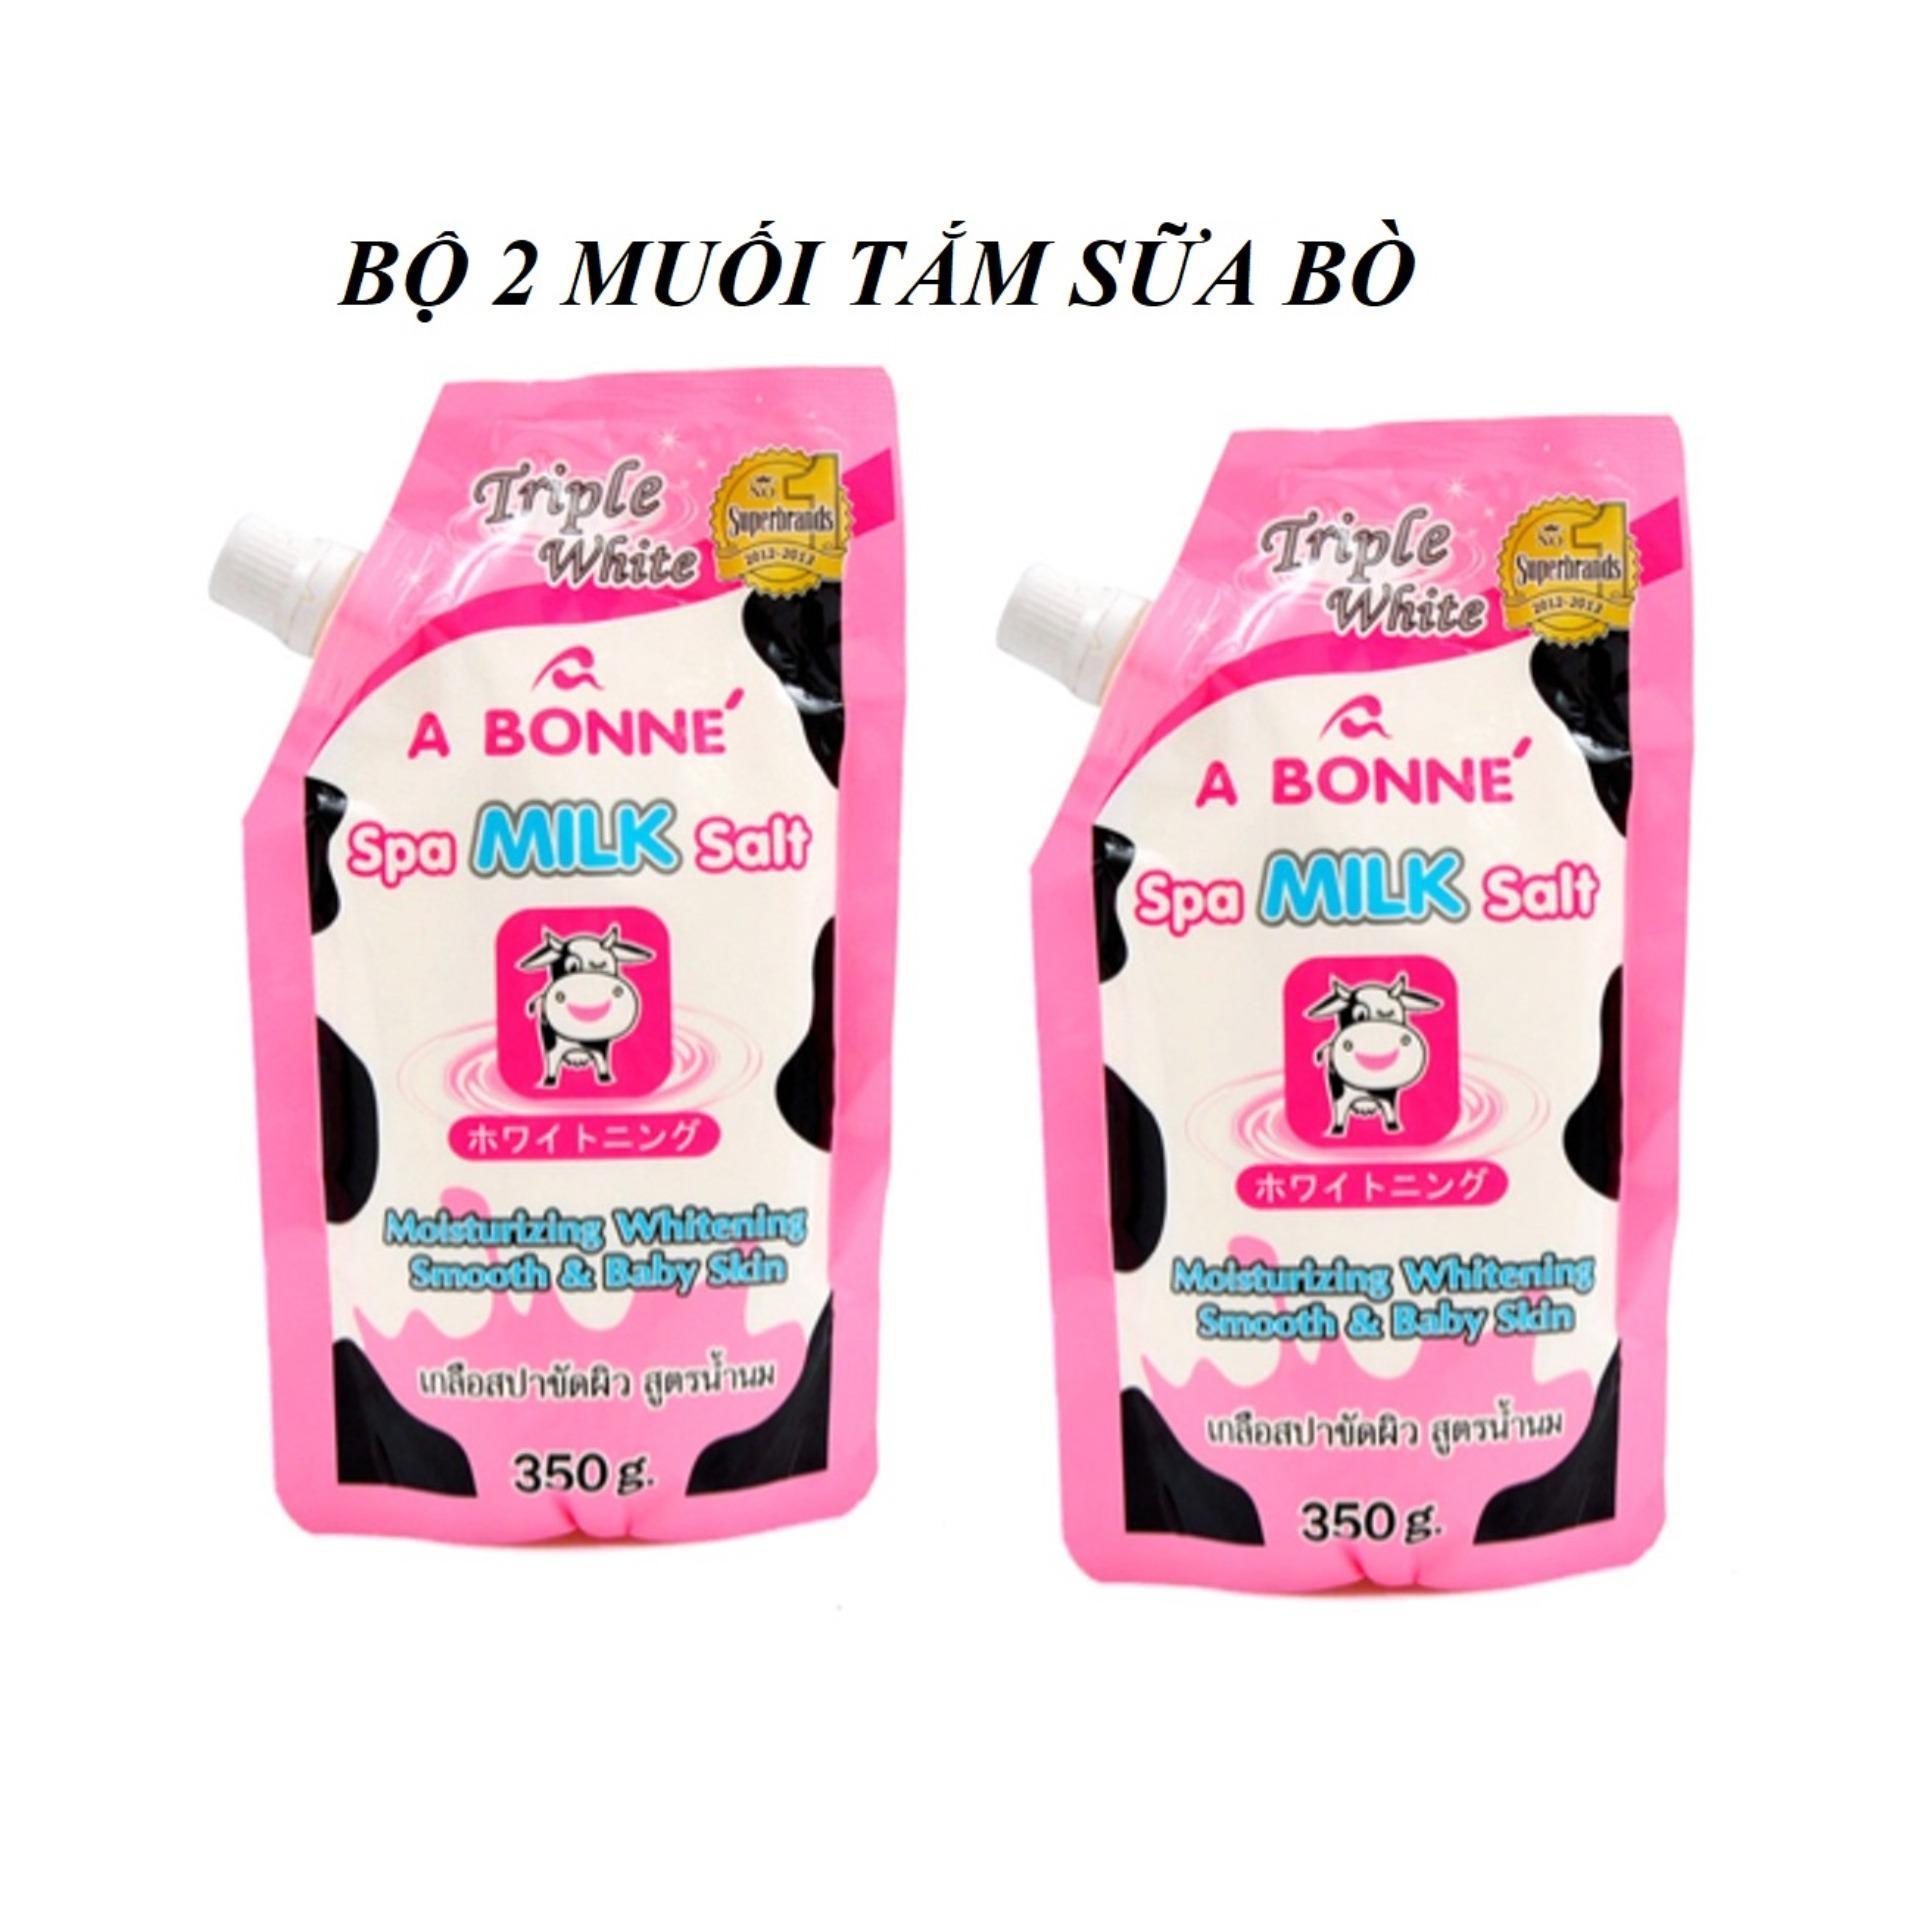 Bộ 2 Muối Tắm Tẩy Tế Bào Chết Sữa Bò A Bonné Spa Milk Salt 350g